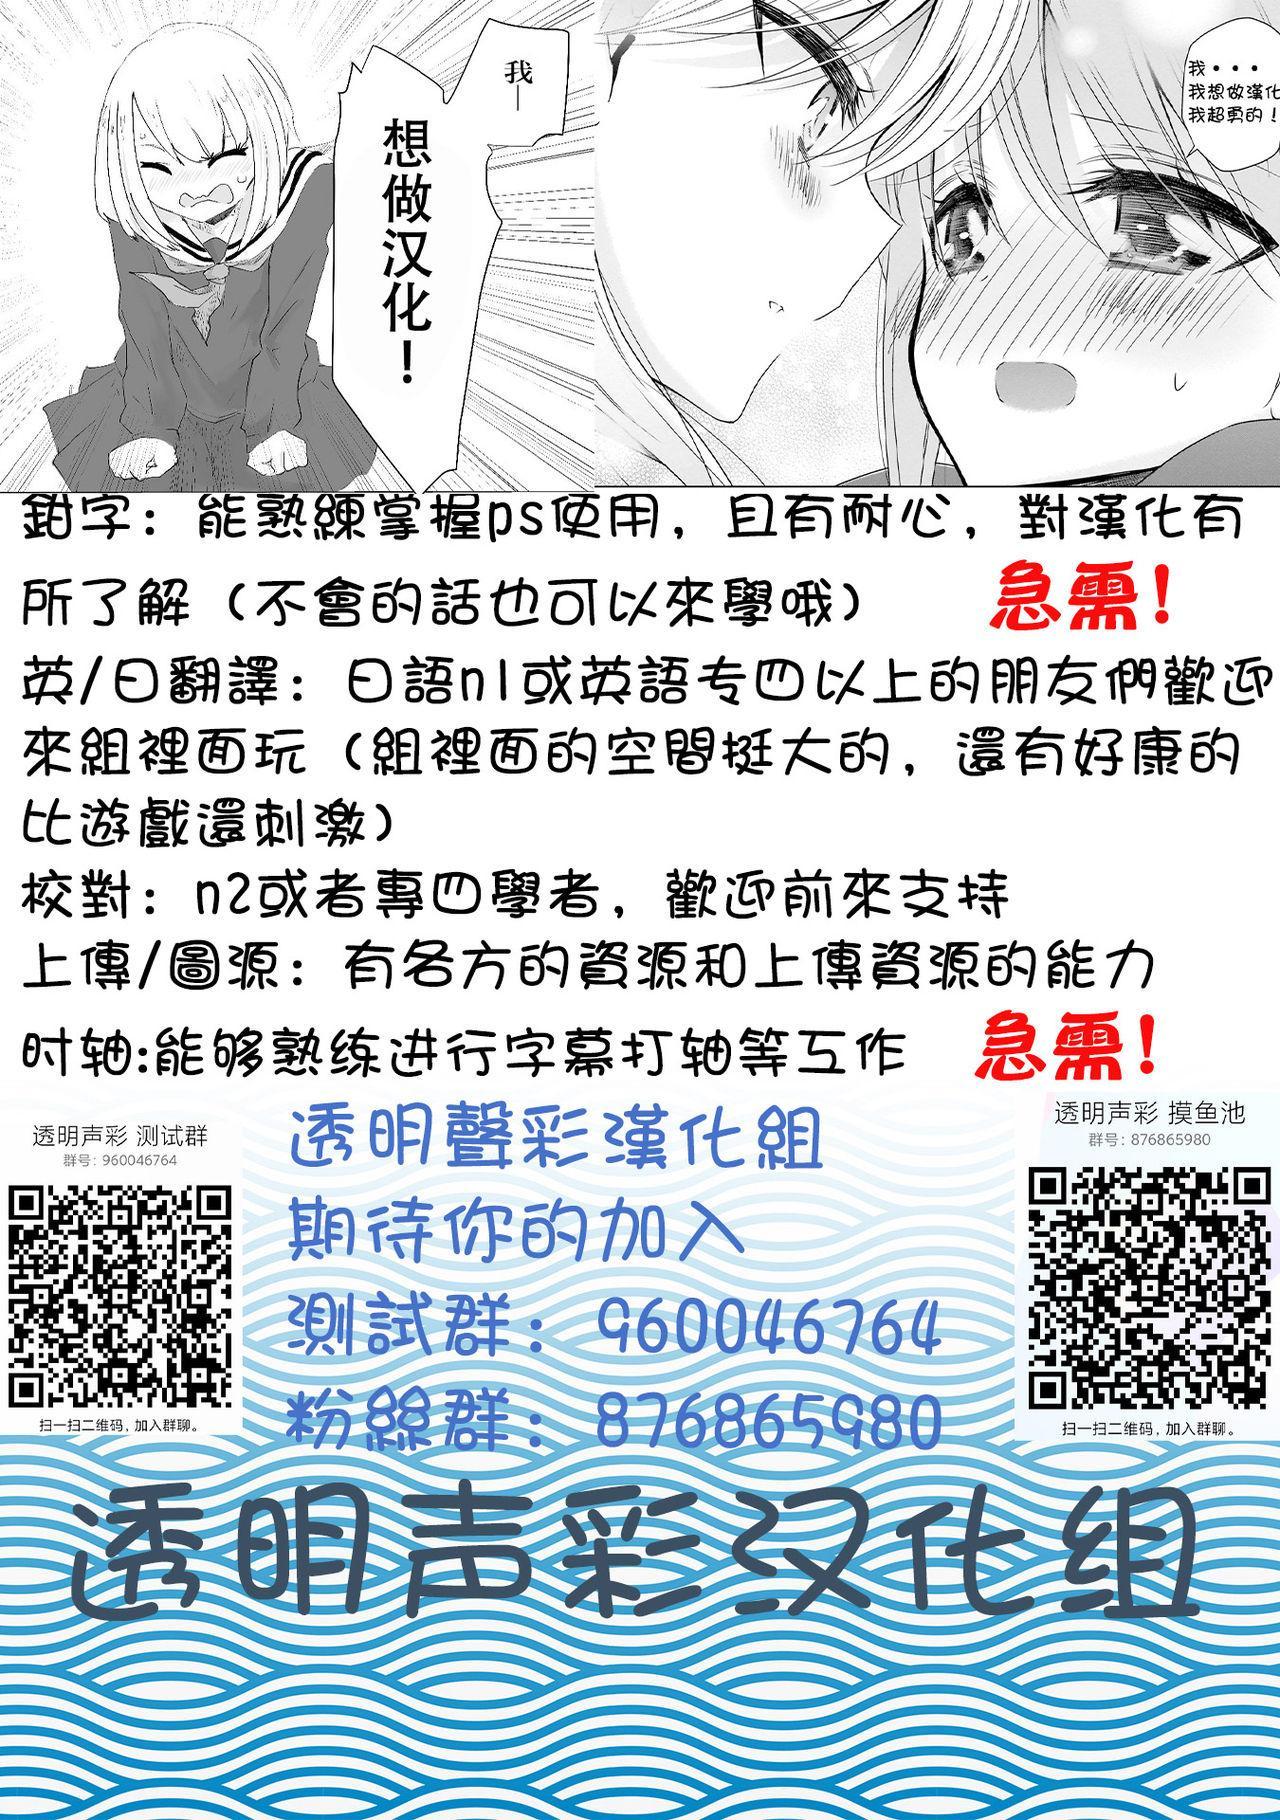 Hibiki-chan ni Iyashite hoshii dake 20